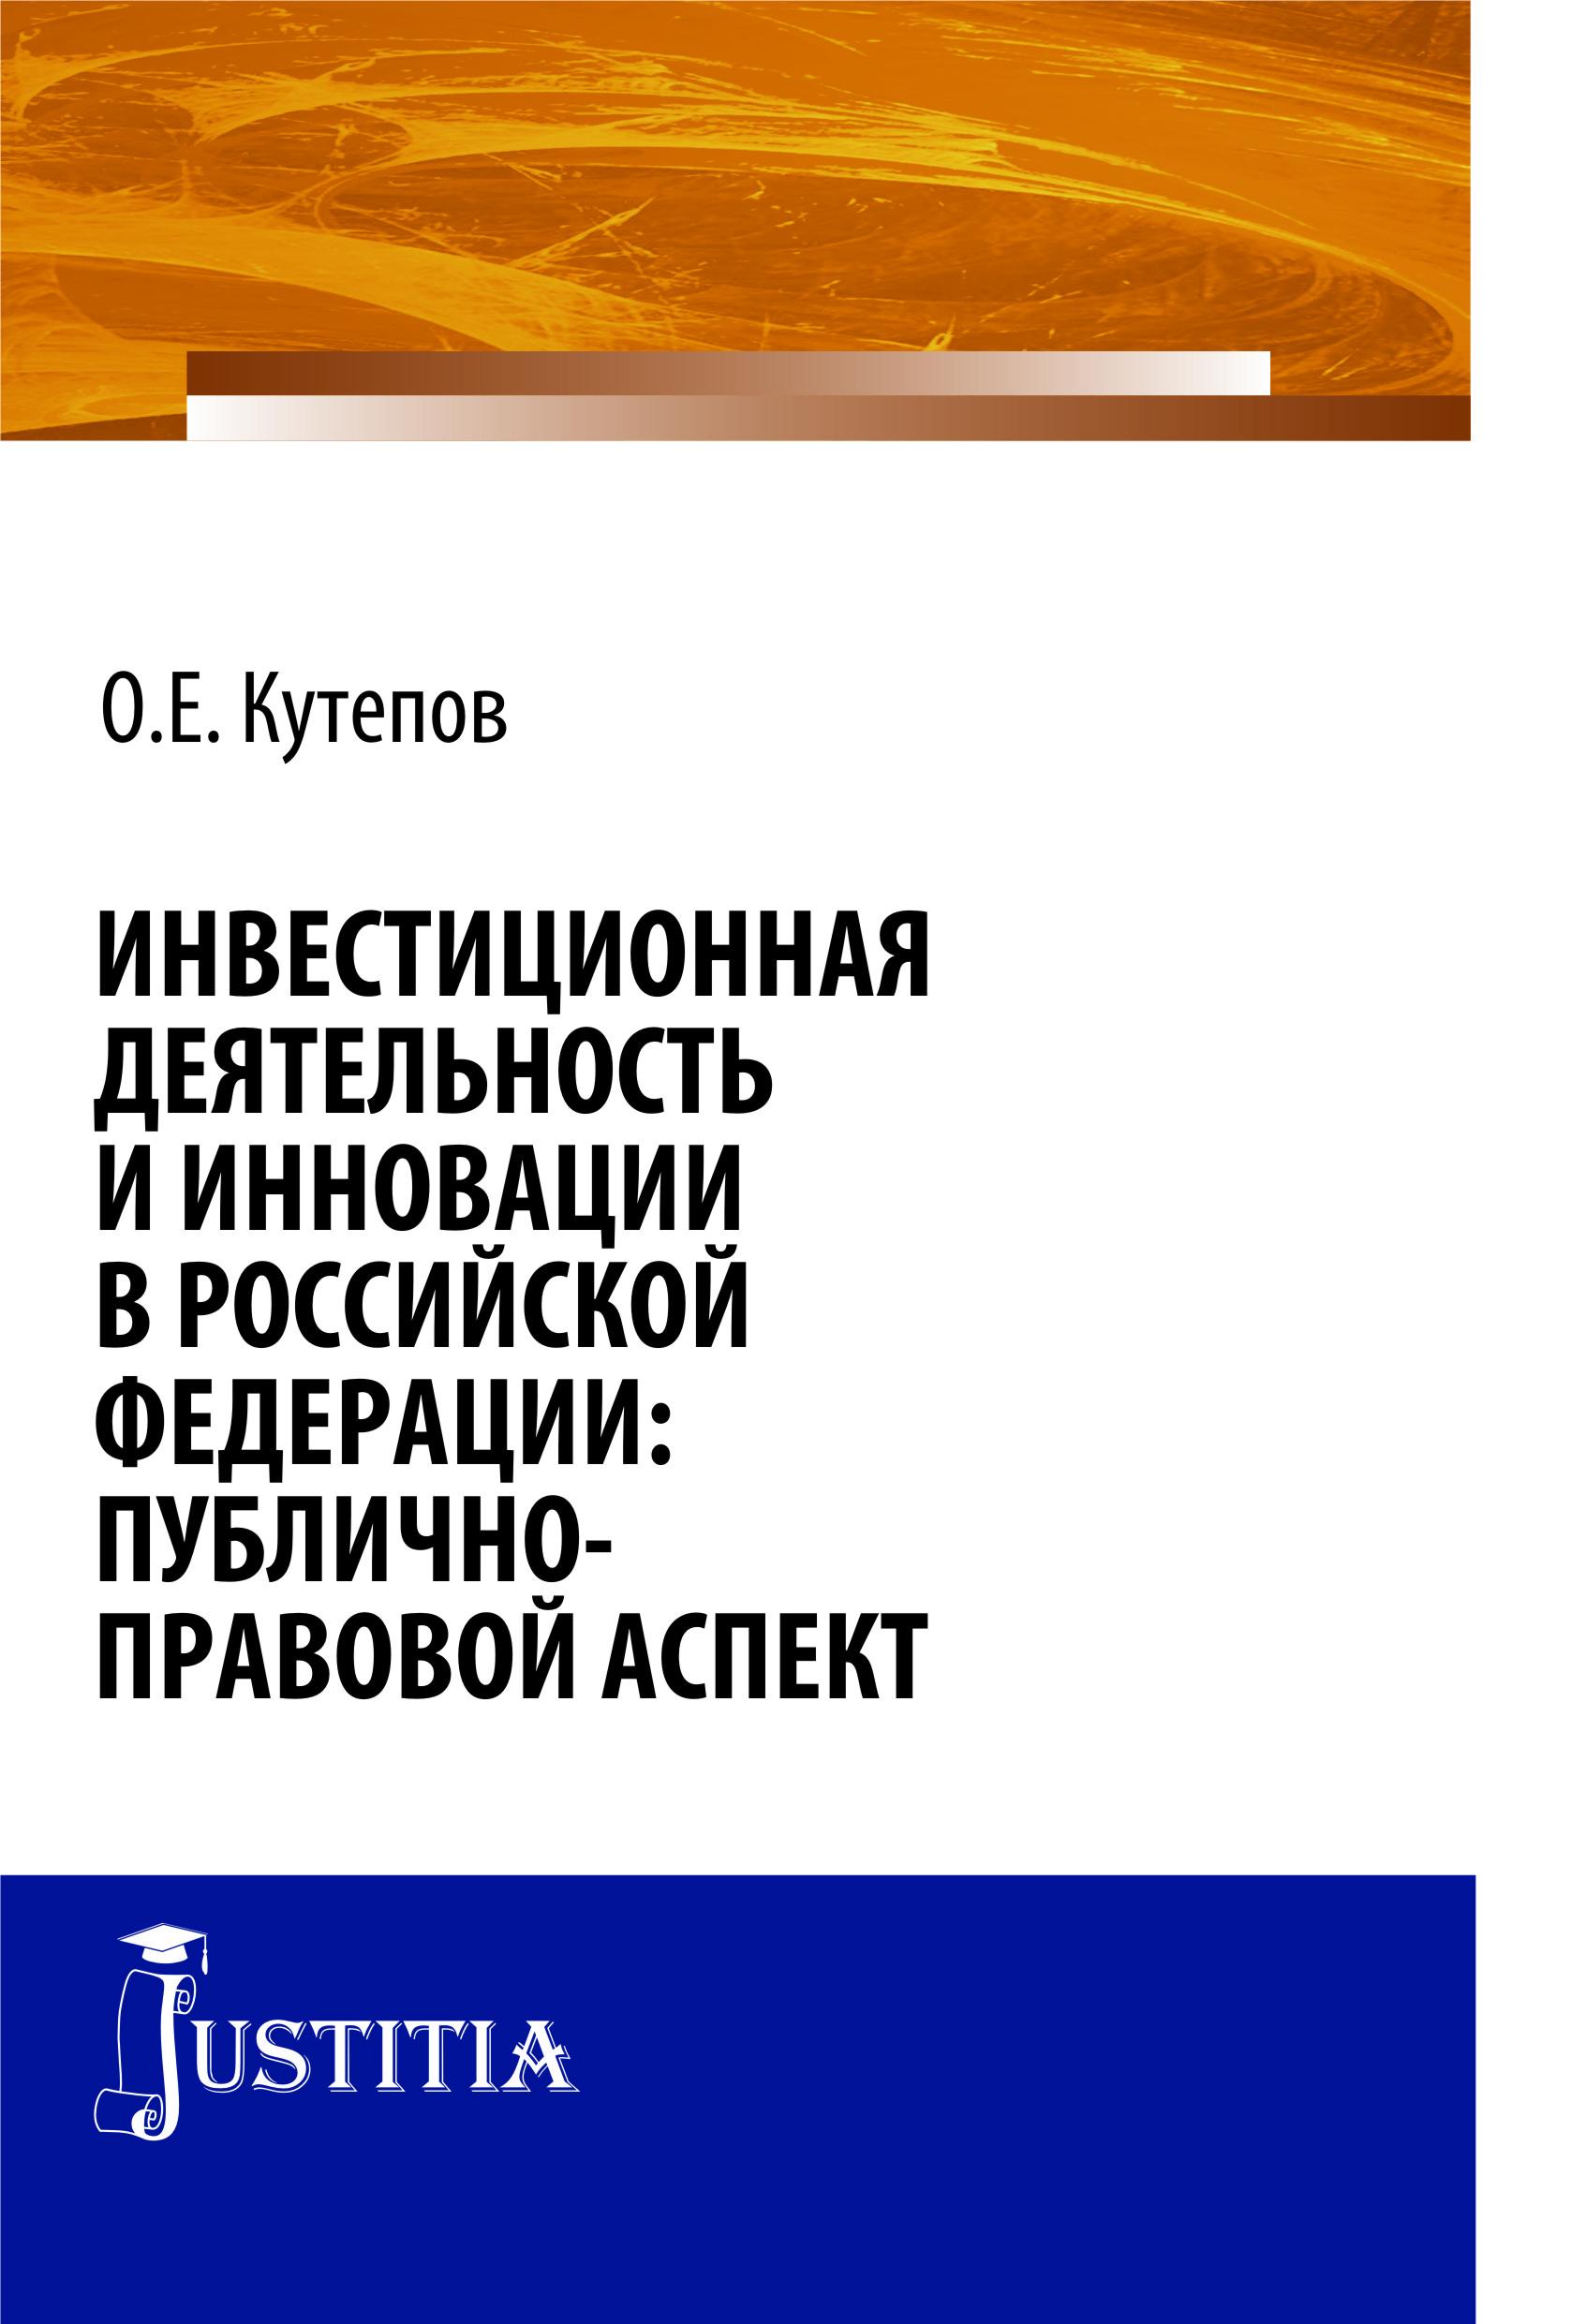 Инвестиционная деятельность и инновации в Российской Федерации. Публично-правовой аспект